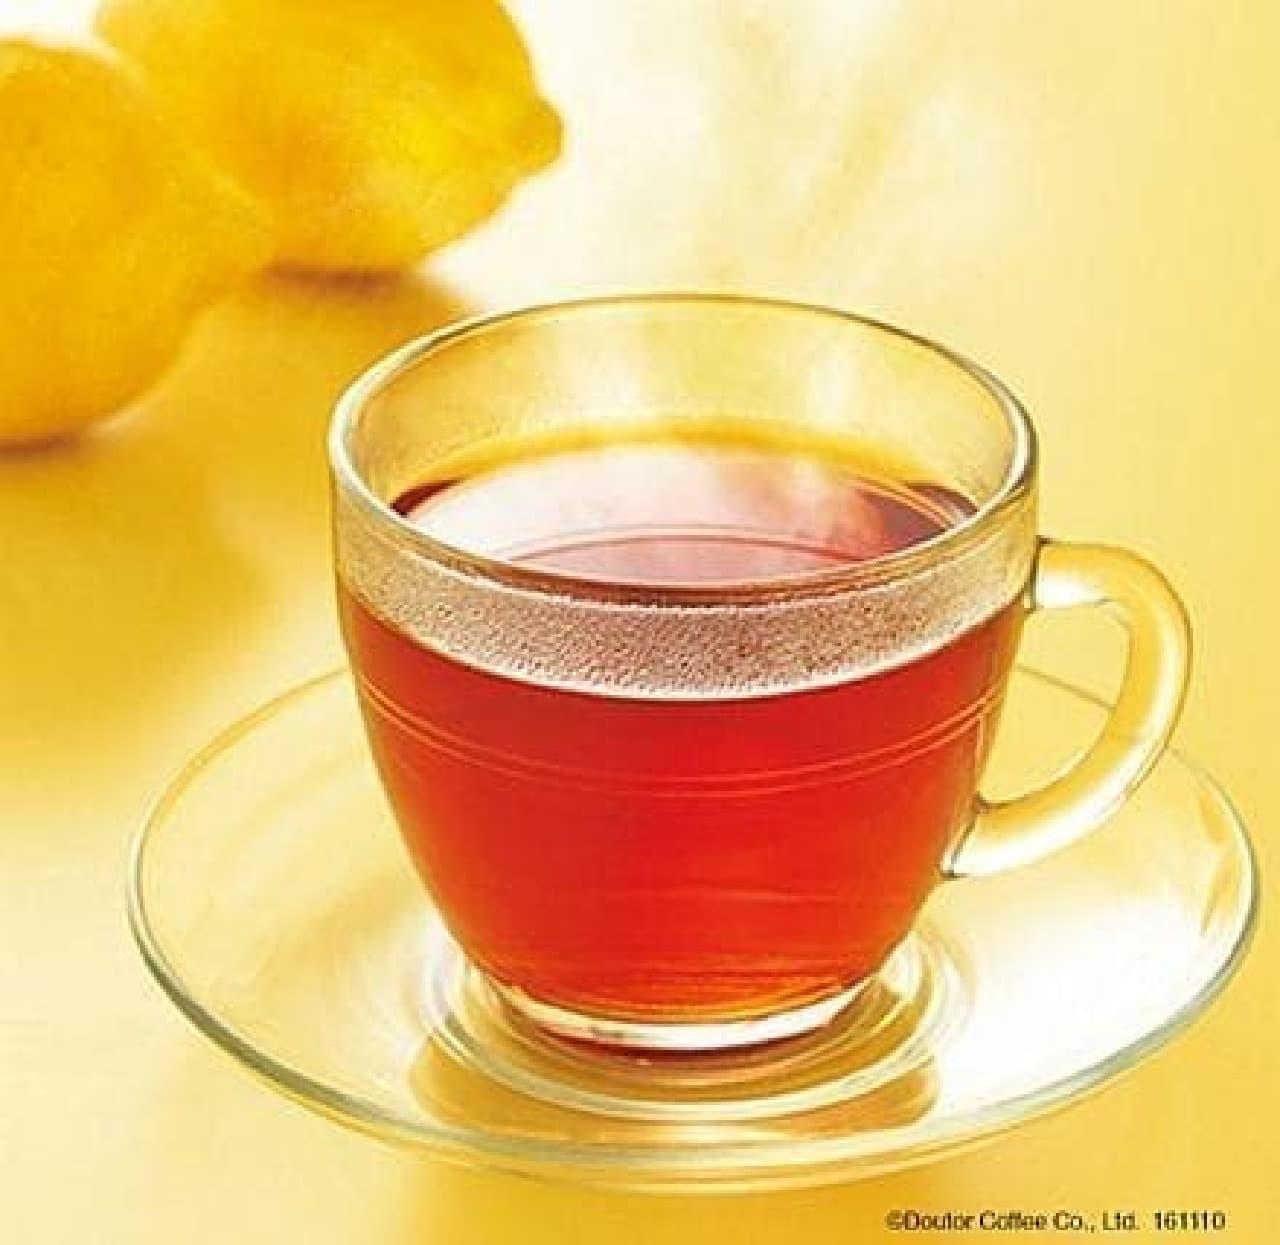 ドトールコーヒー「ハーブティー ルイボス&レモン」